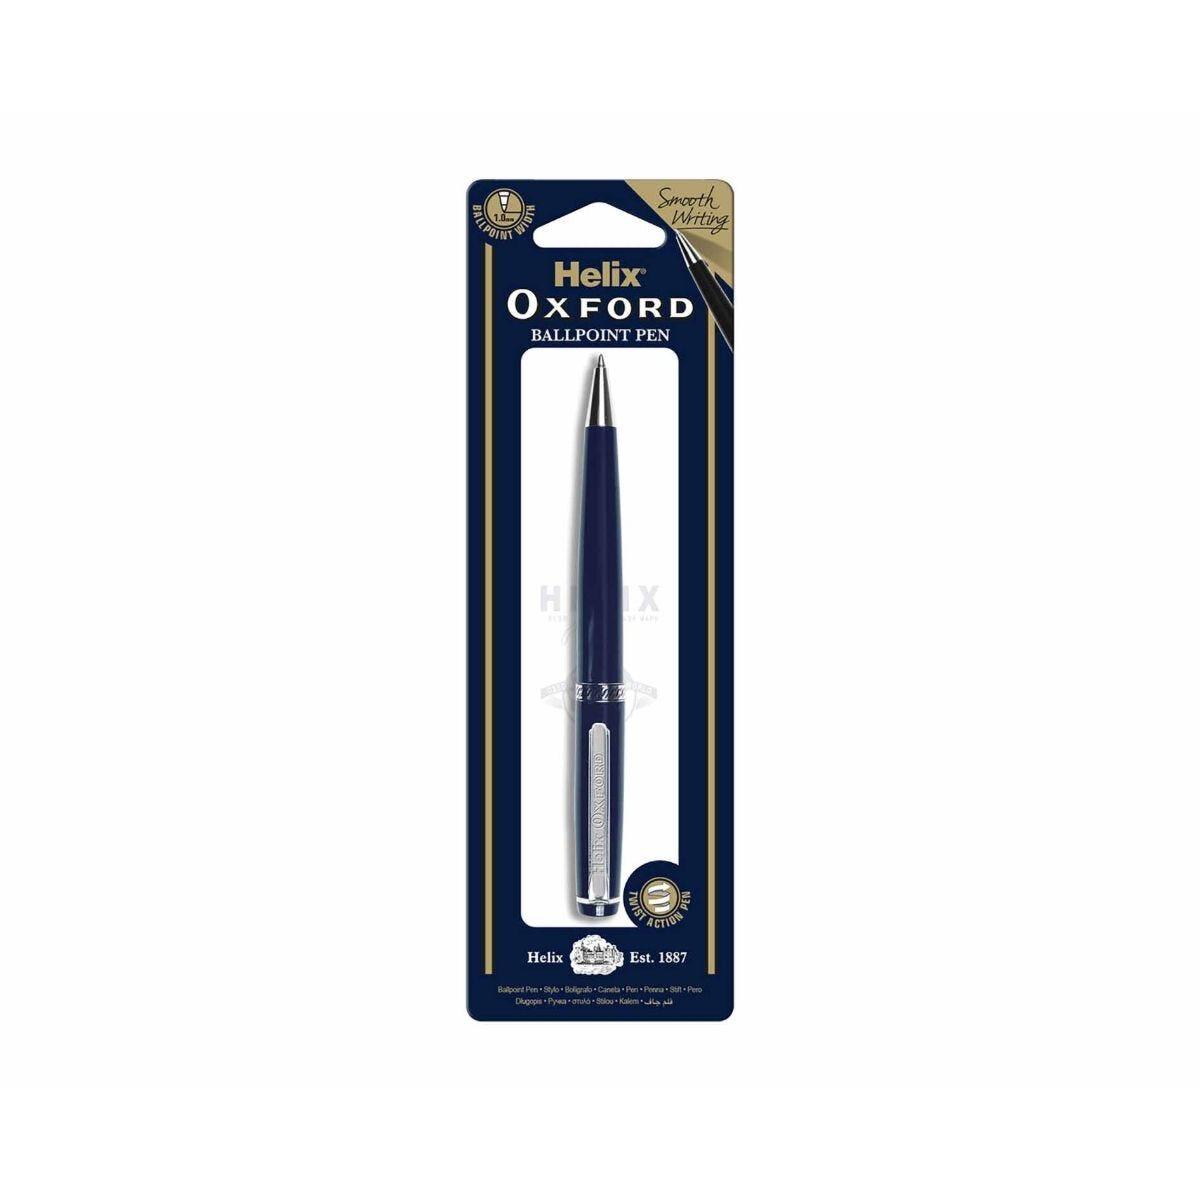 Helix Oxford Ballpoint Pen Black